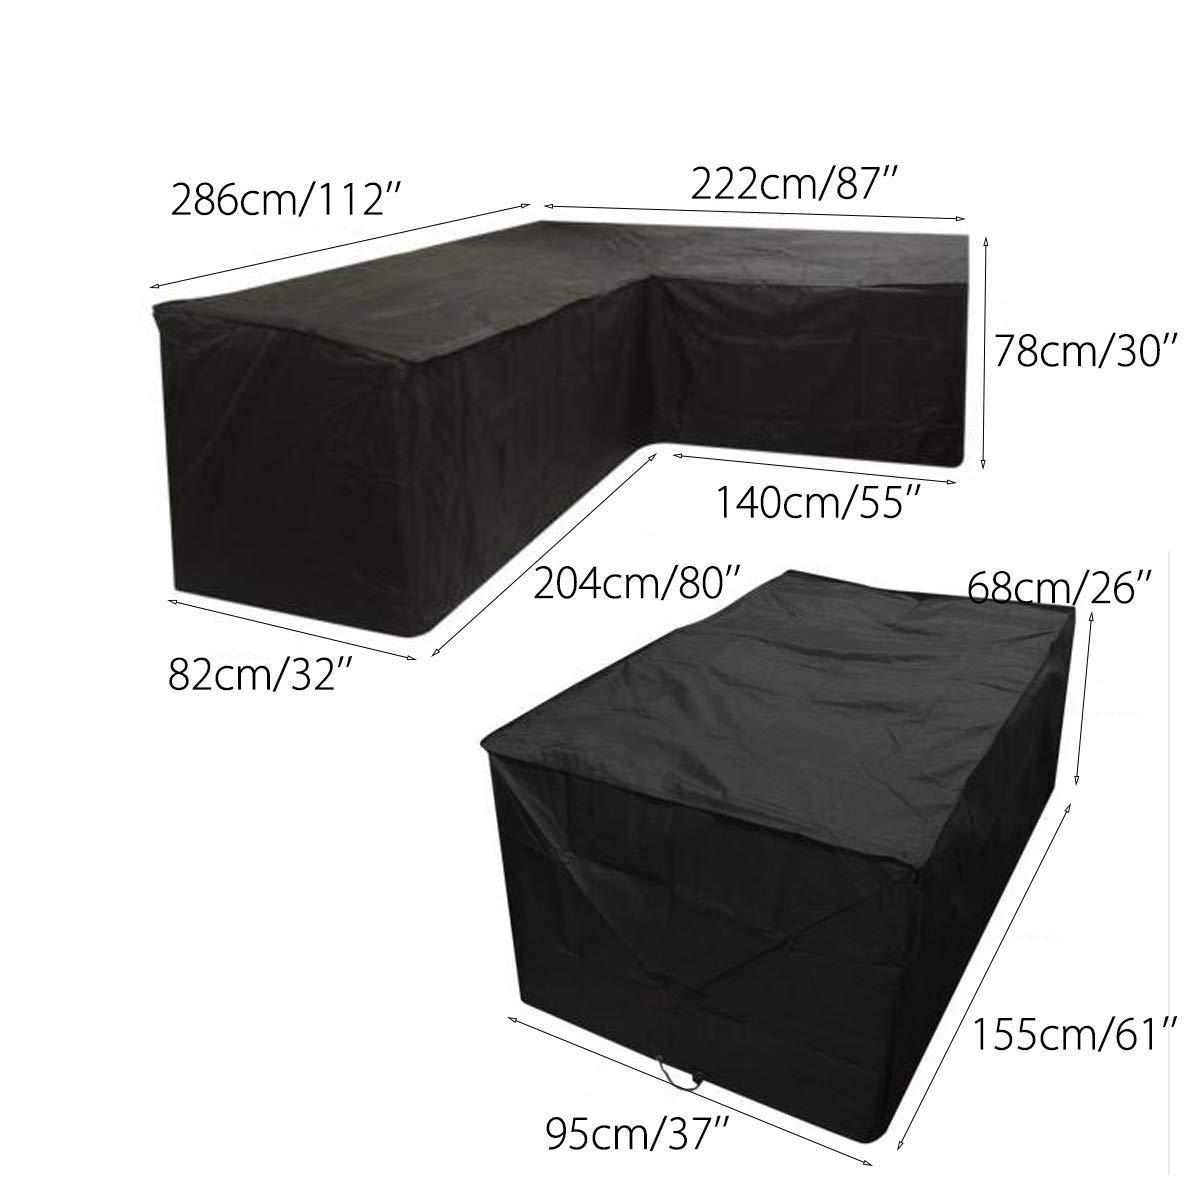 Schutzhülle für Rattan-Gartenmöbel-Set – wasserdicht – L-förmig - schwarz - Linke Seite lang